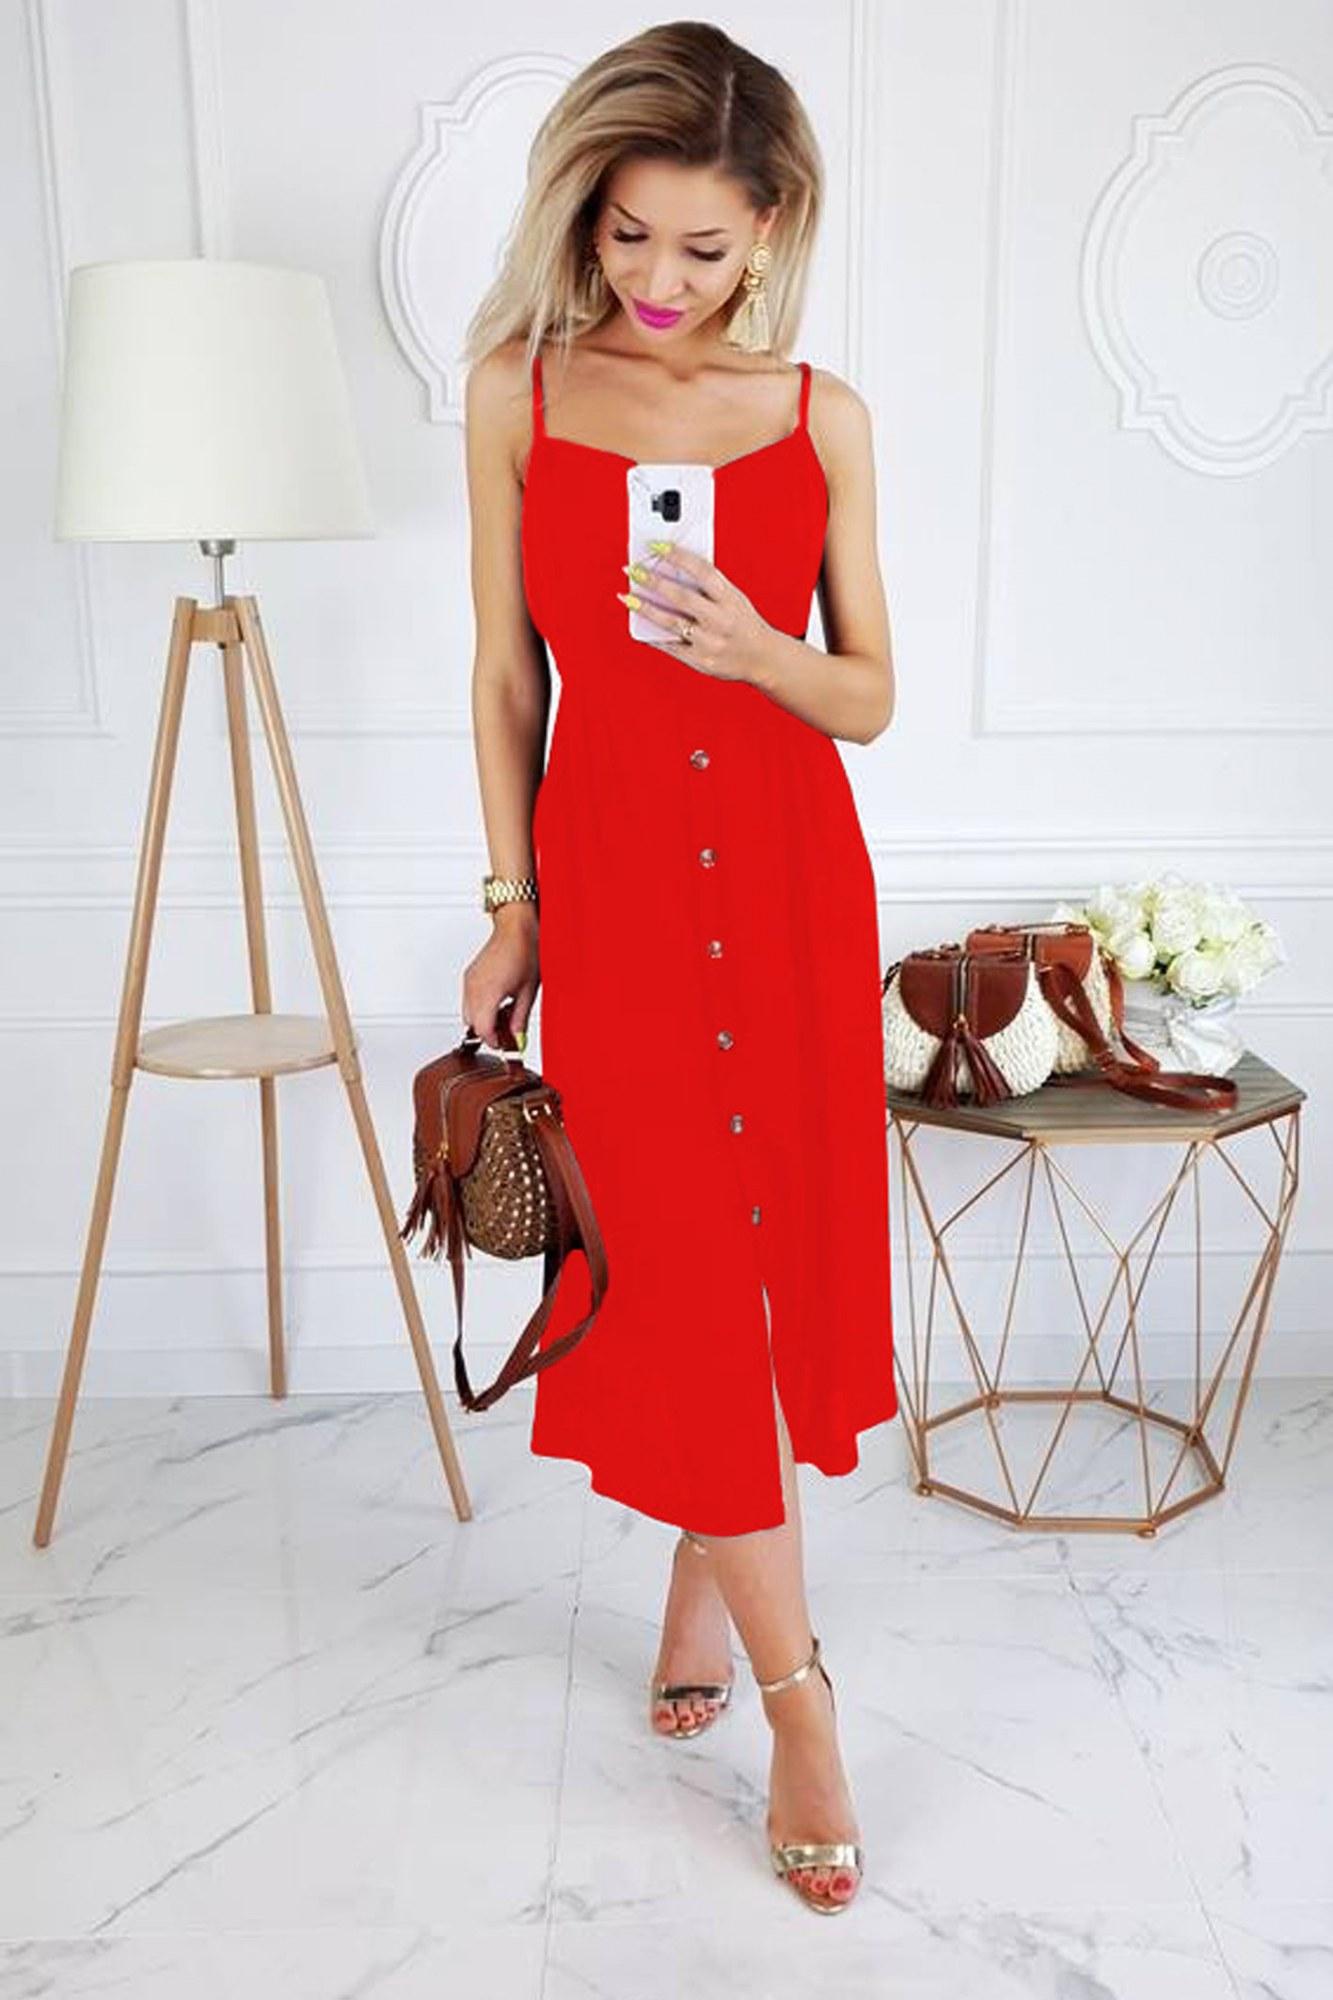 8c16f0f65505 Κόκκινα Γυναικεία Φορέματα Online - Ταξινομημένα Προϊόντα - Σελίδα 7 ...